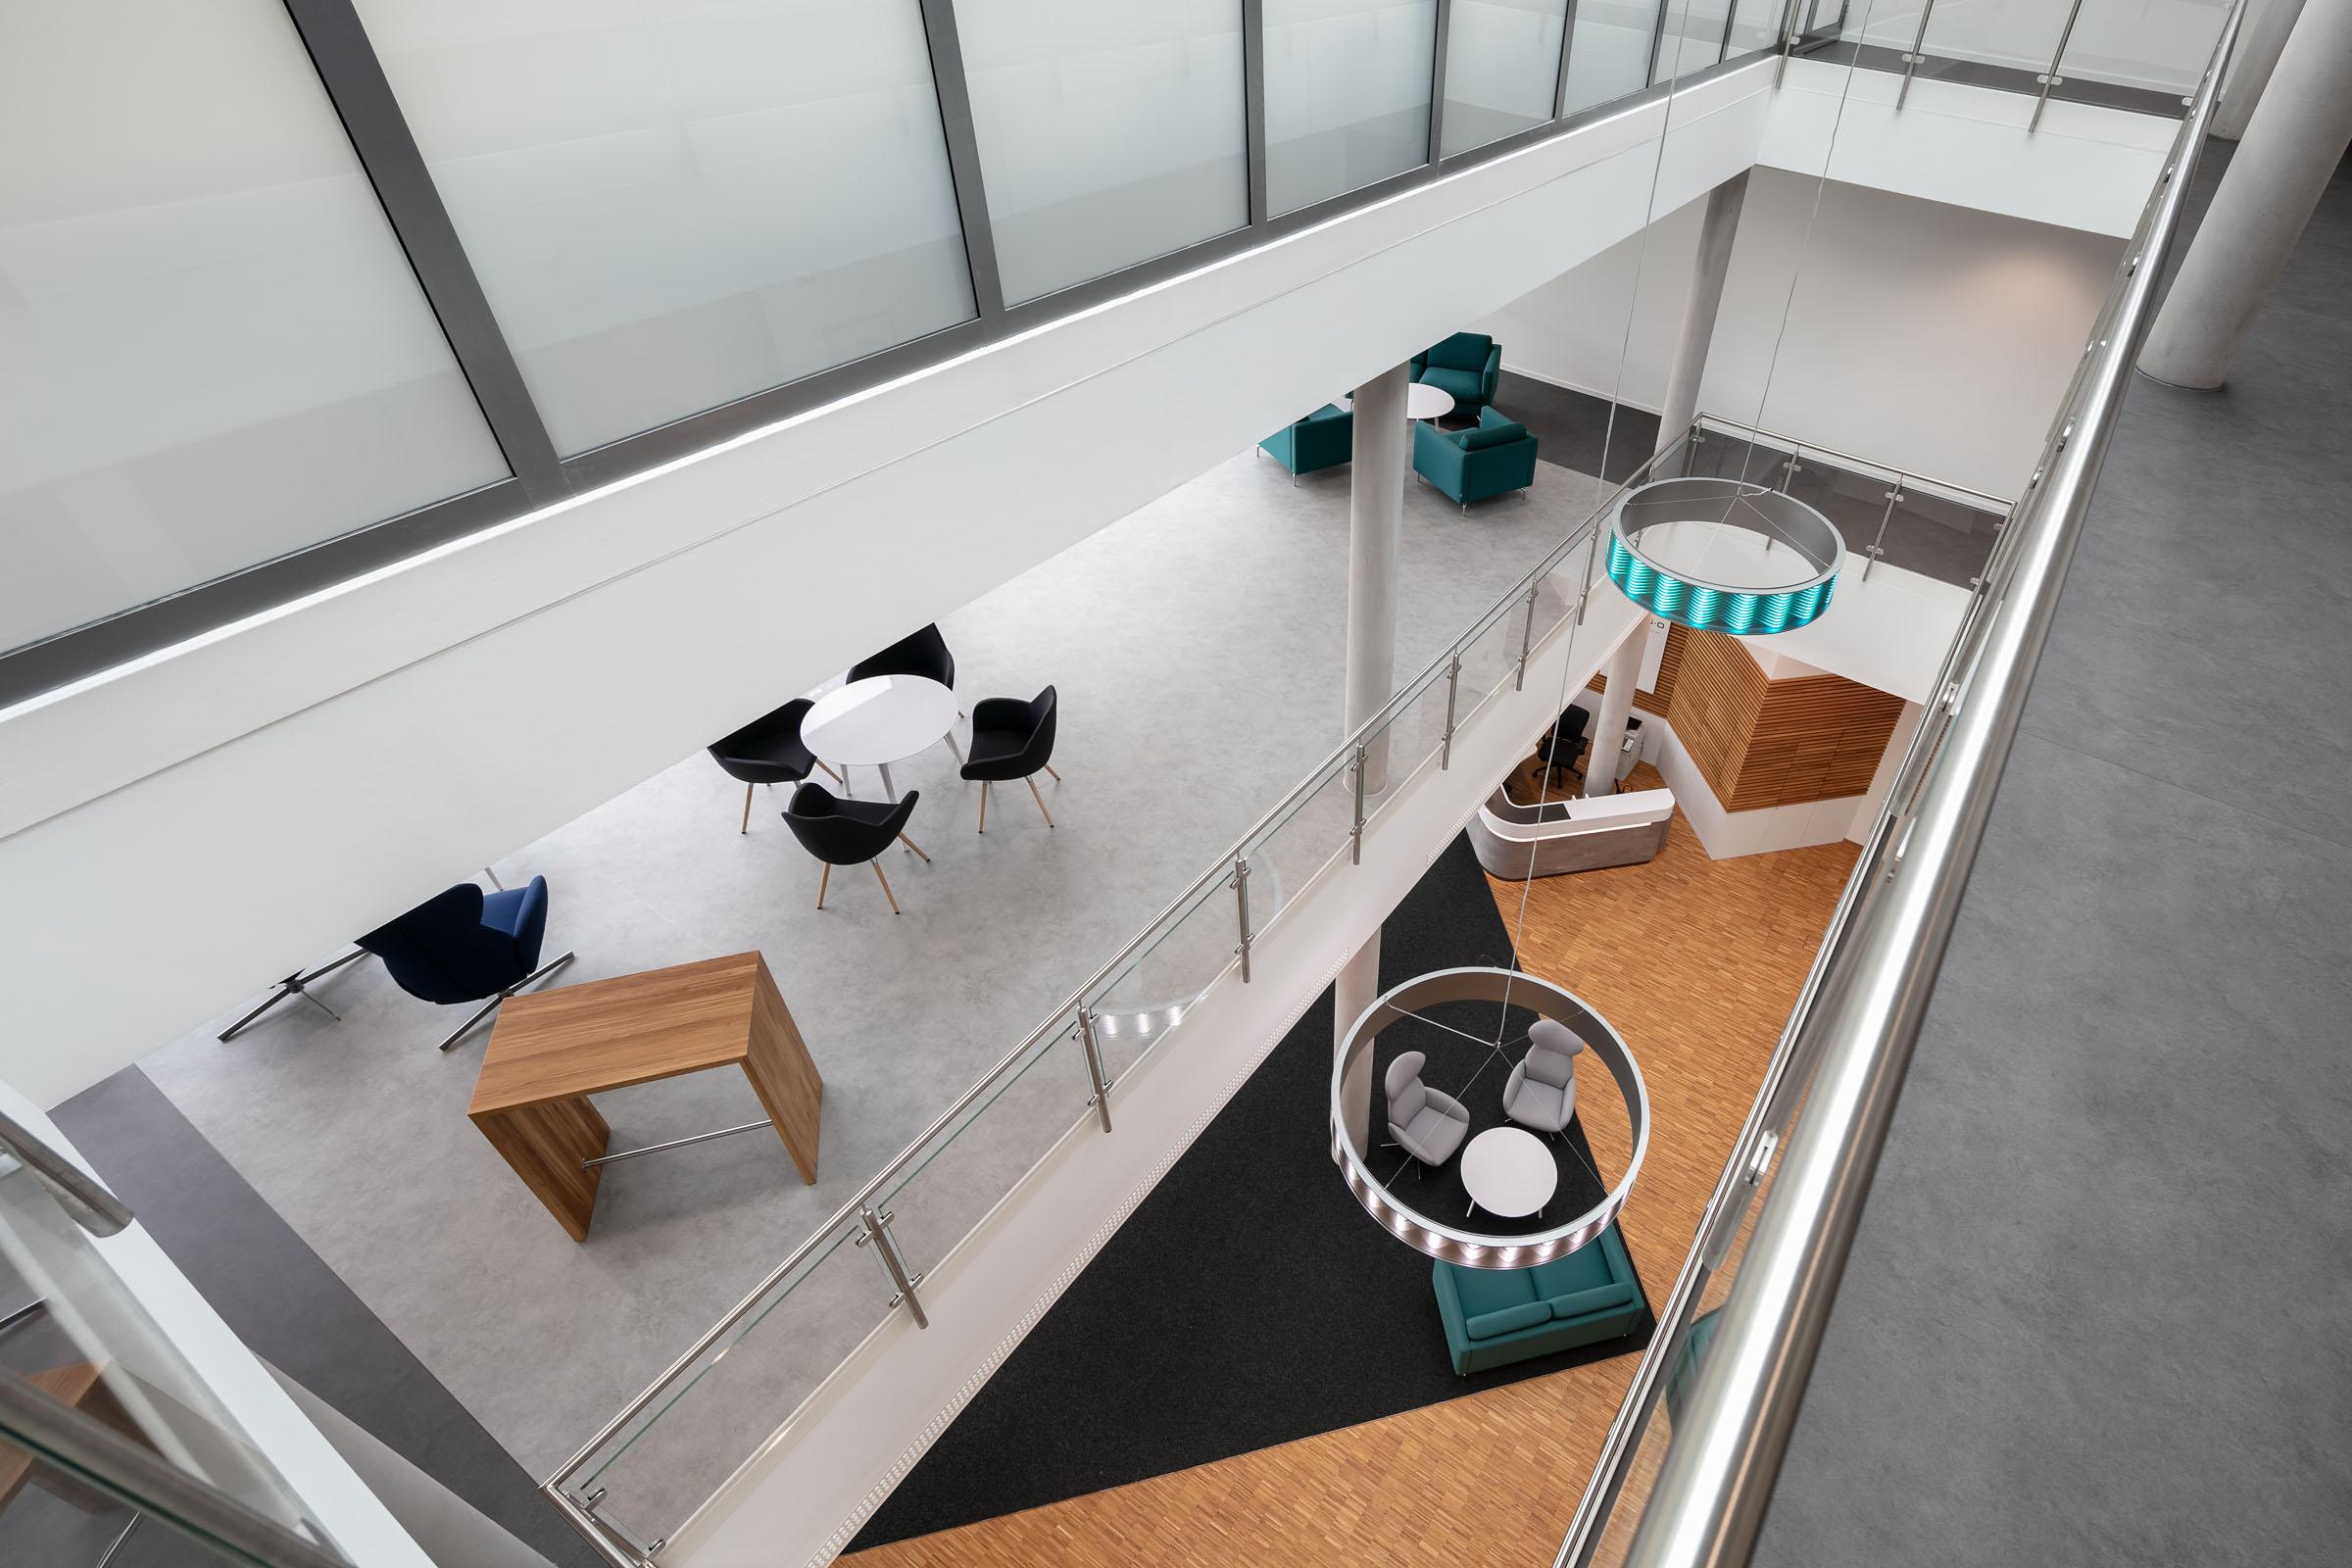 Ringleuchten mit bis zu 2 m Durchmesser in einem Foyer